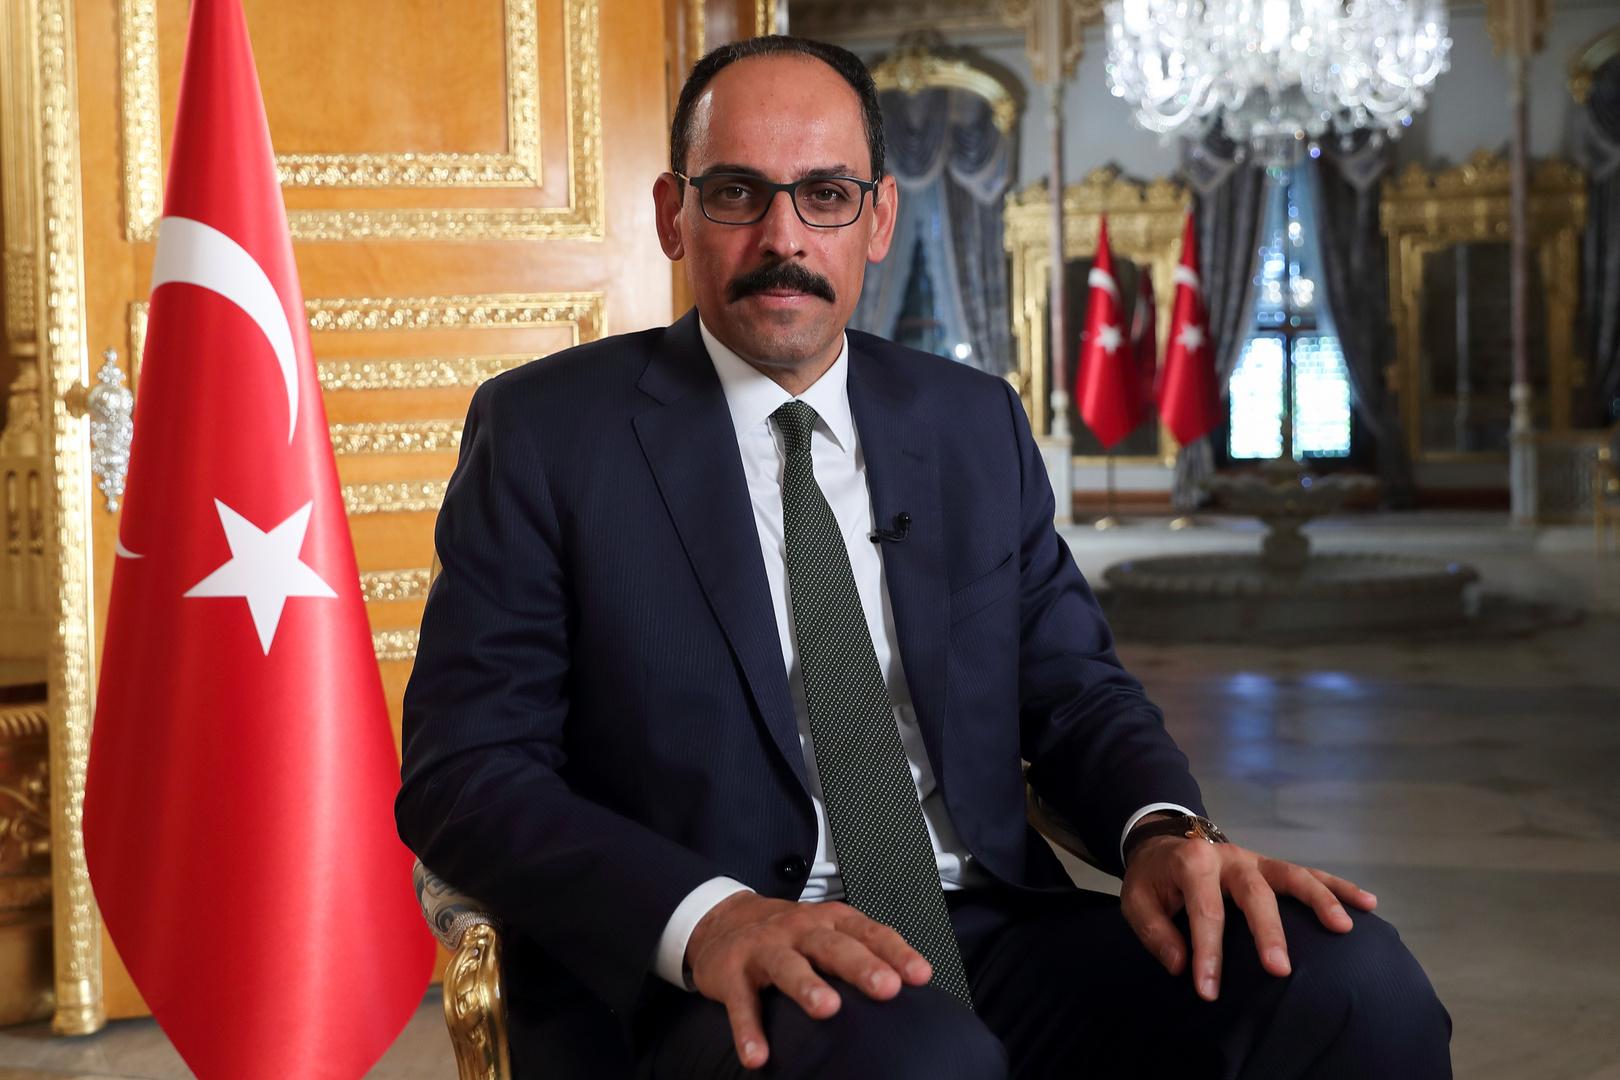 تركيا: فريق بايدن يريد تطوير العلاقات مع أنقرة وفتح صفحة جديدة